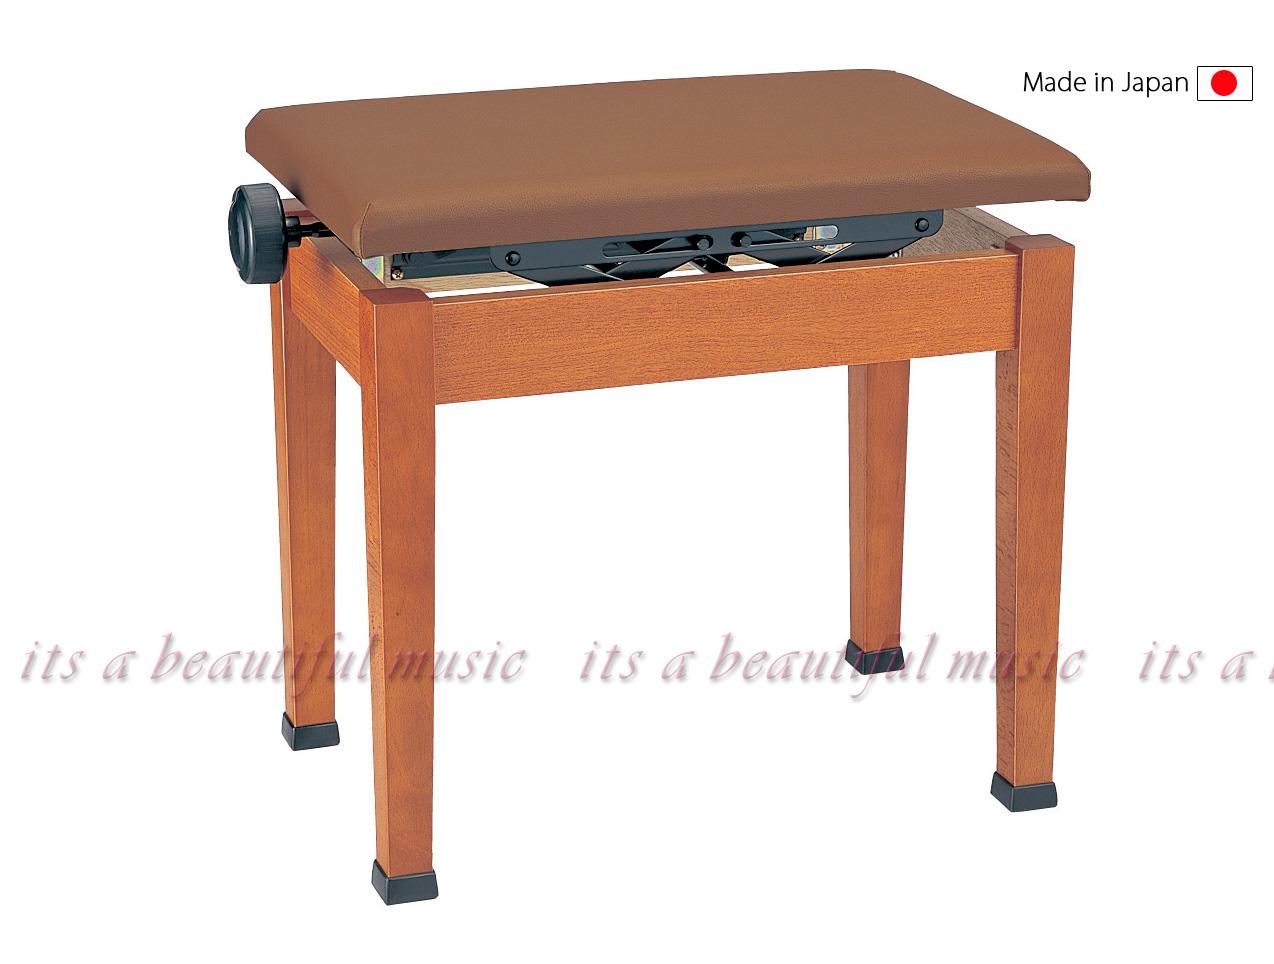 【its】日本製!デジタルピアノ用椅子・甲南Konan K48(K-48)選べる3色